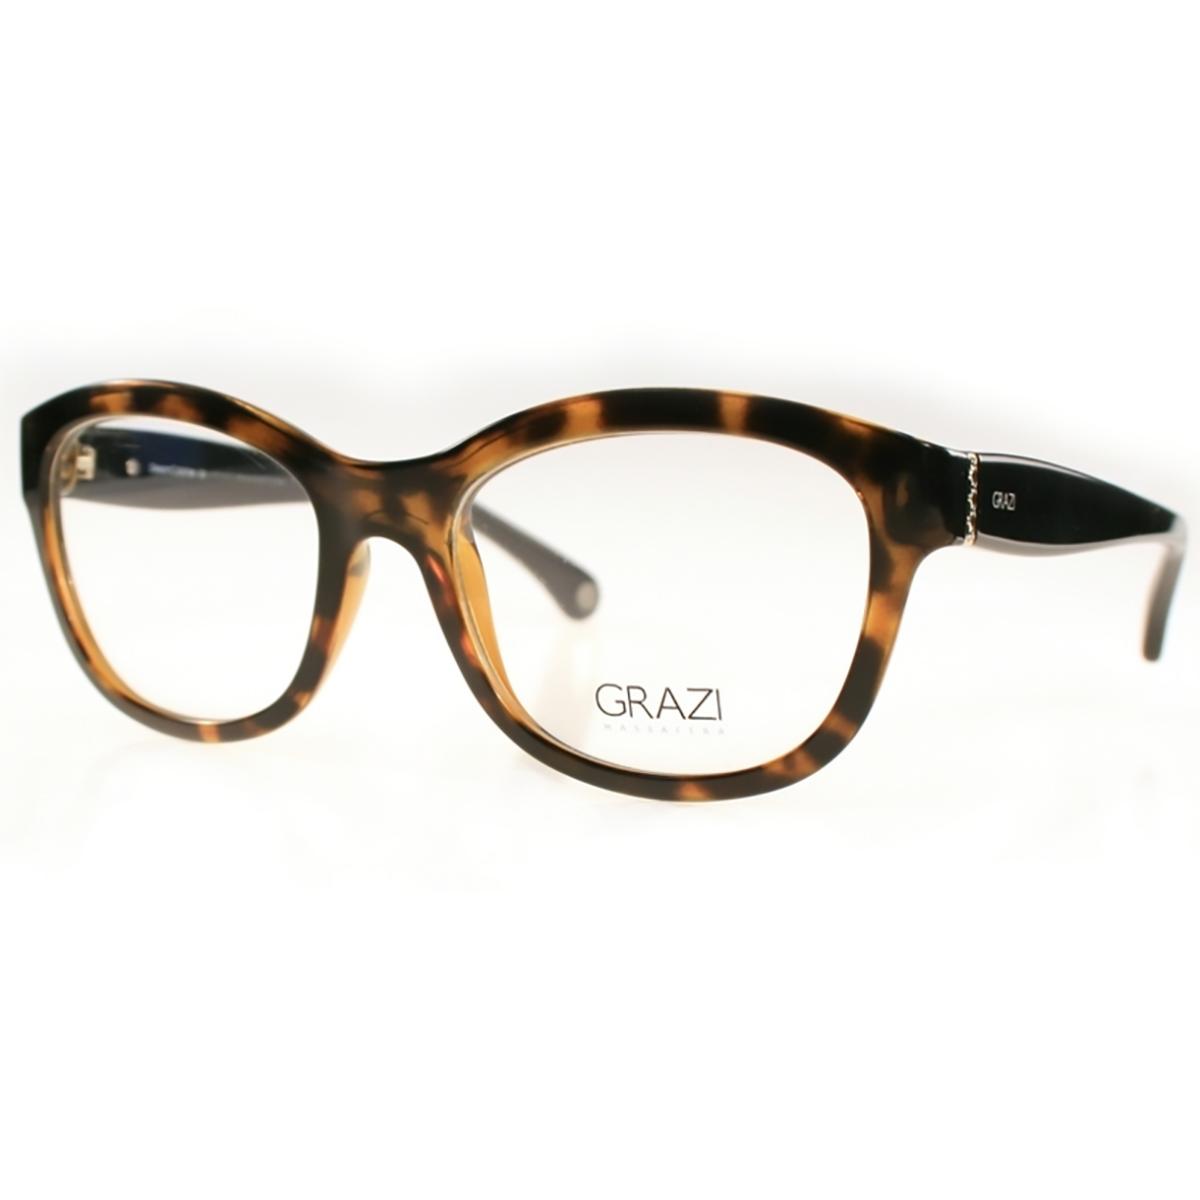 Compre Óculos de Grau Grazi Massafera em 10X   Tri-Jóia Shop b83a3678eb